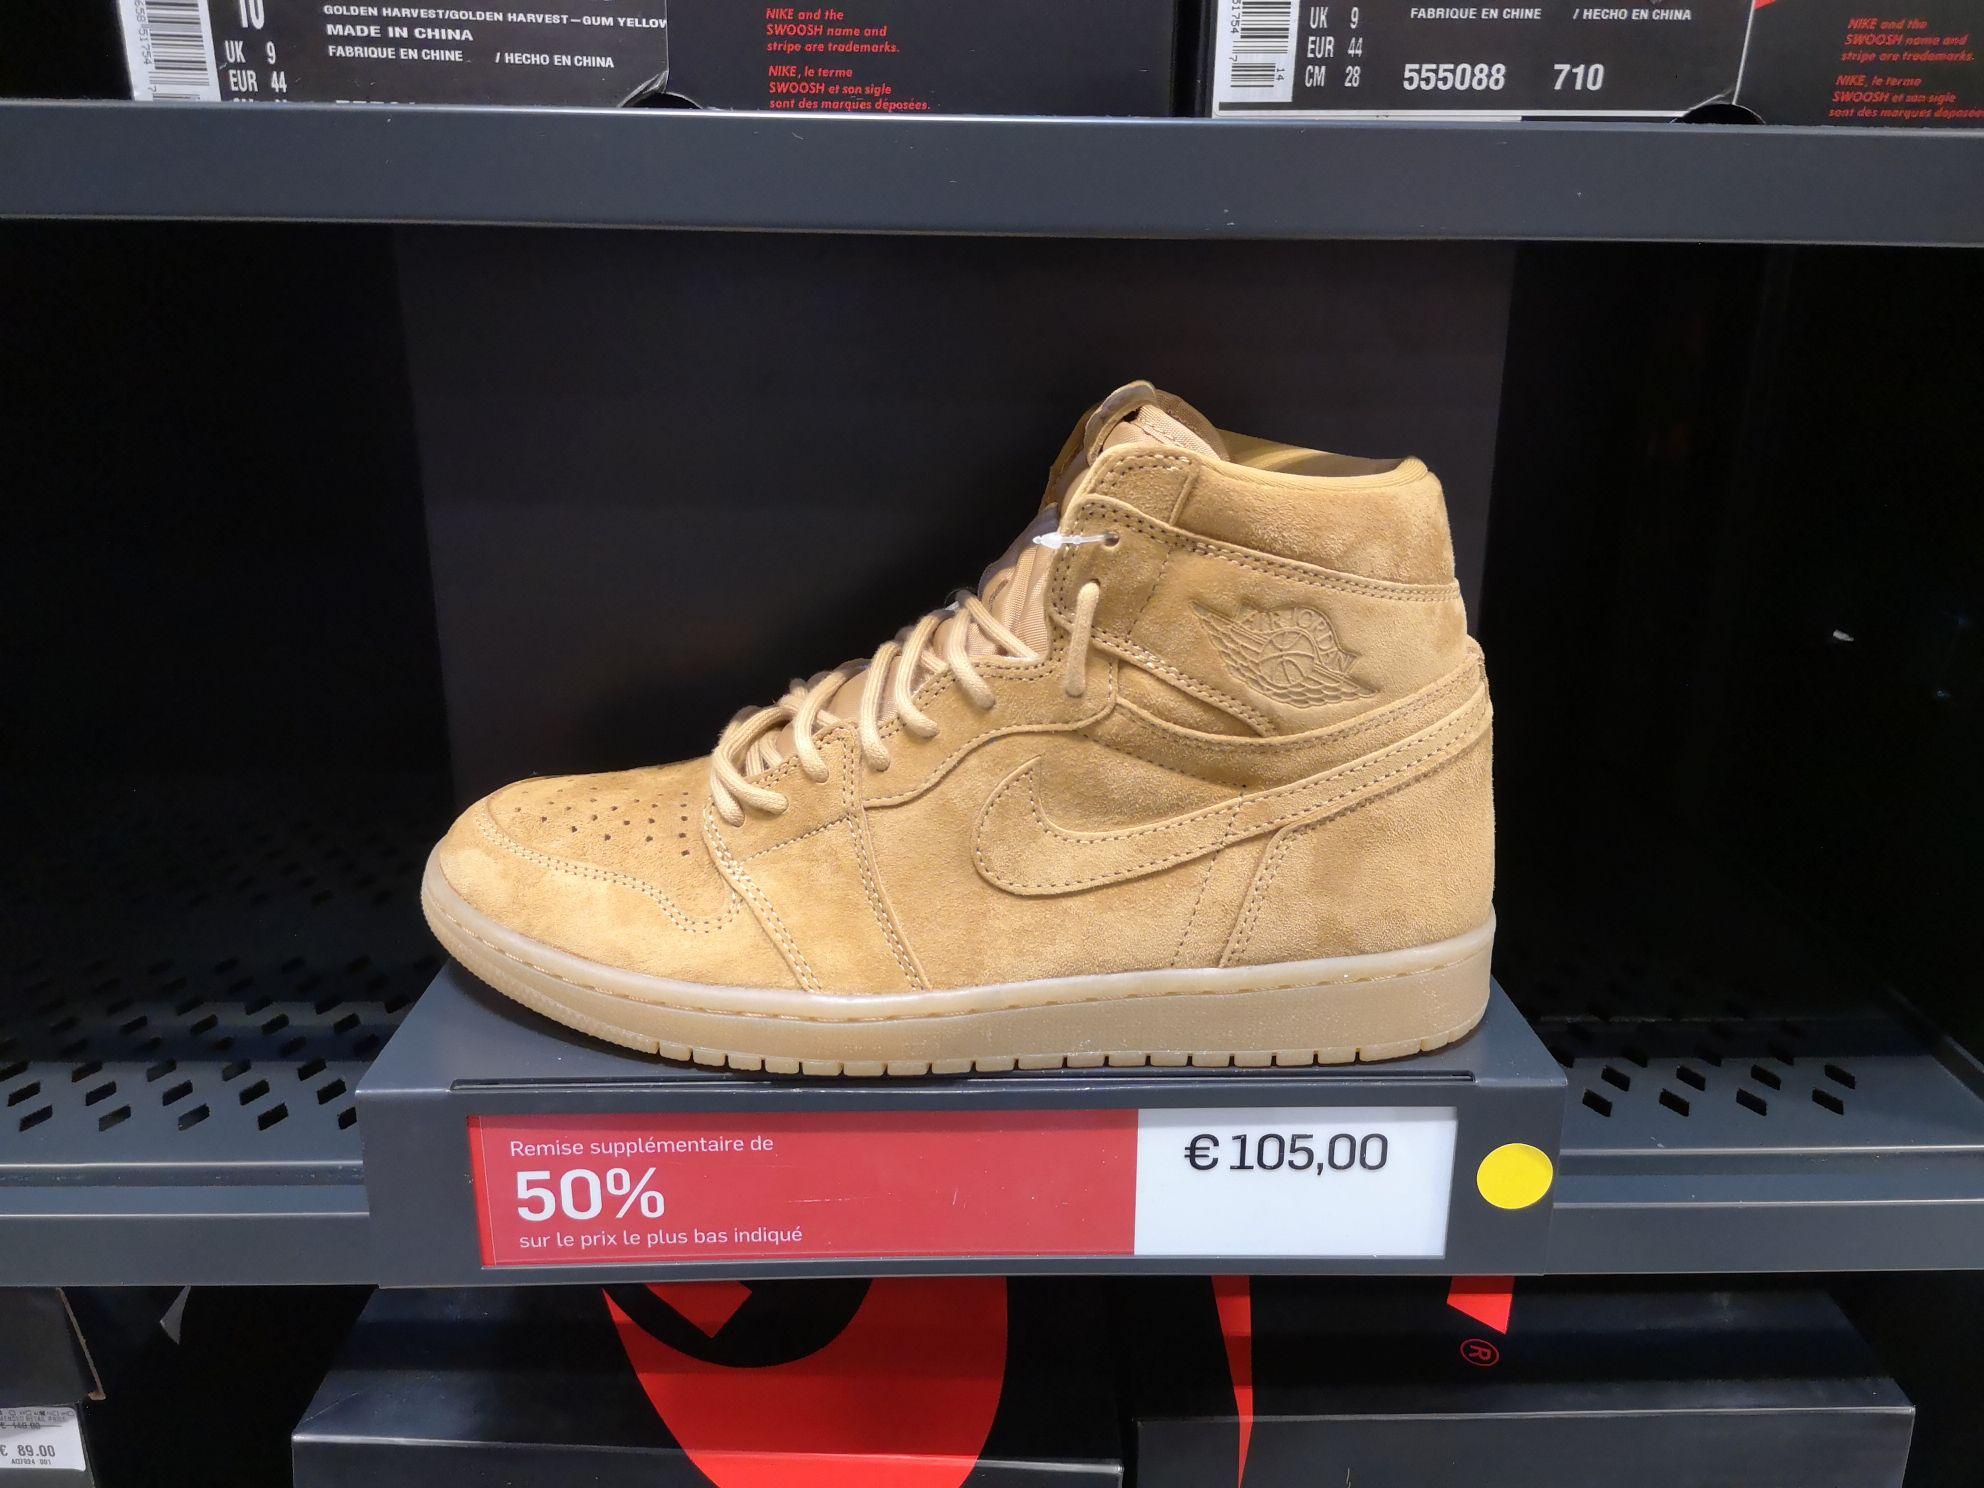 Baskets montantes Nike Air Jordan 1 Retro High OG - Outlet Villefontaine (38)